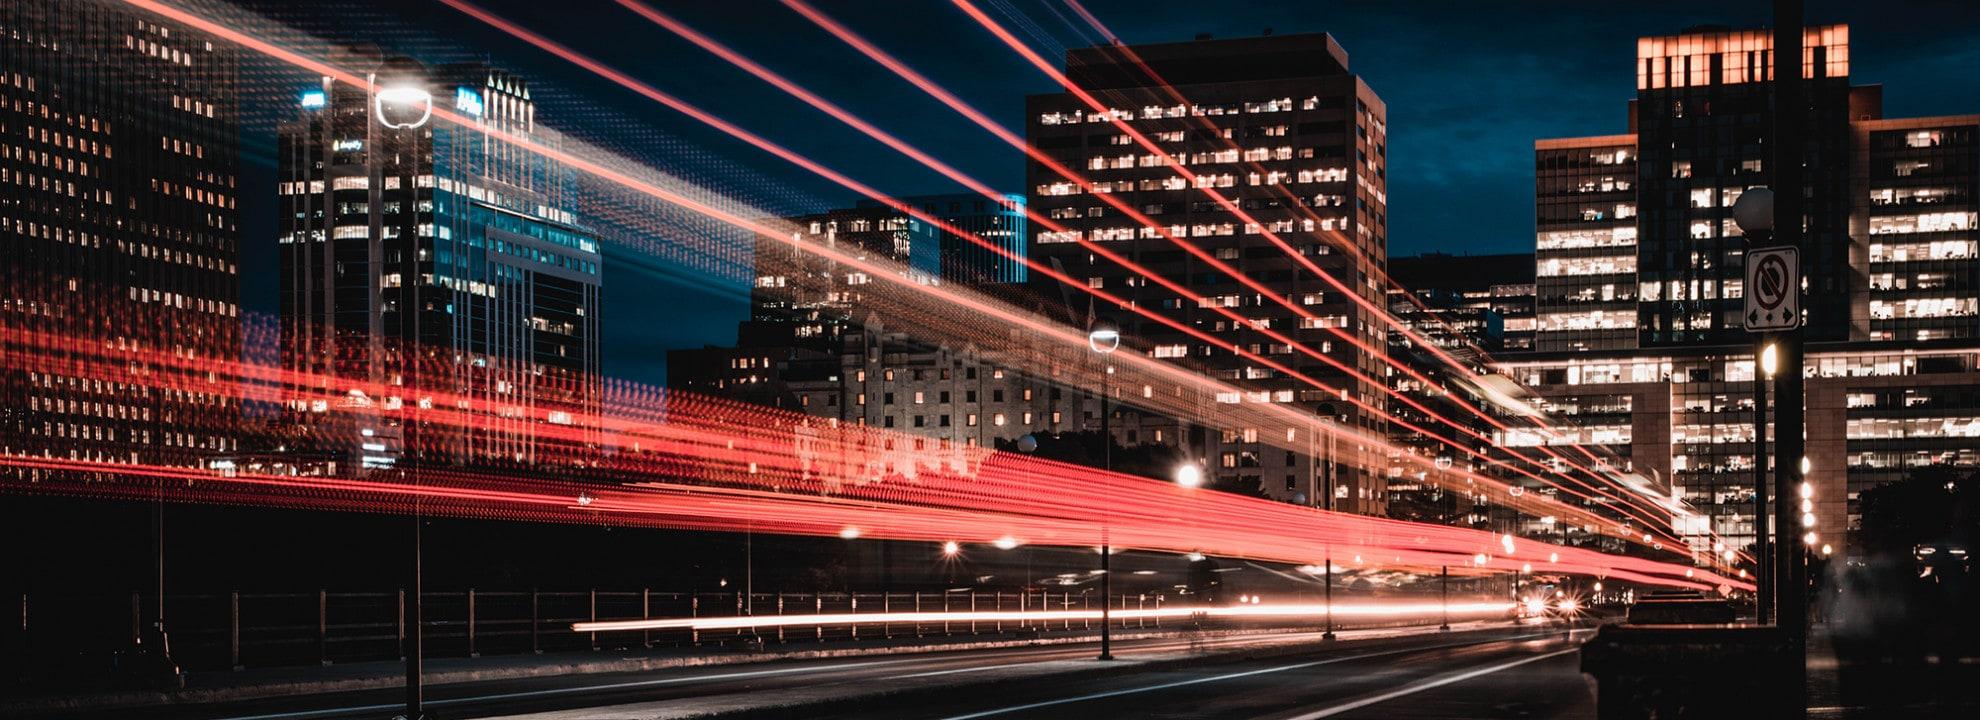 Zeitraffer einer Autobahn bei Nacht